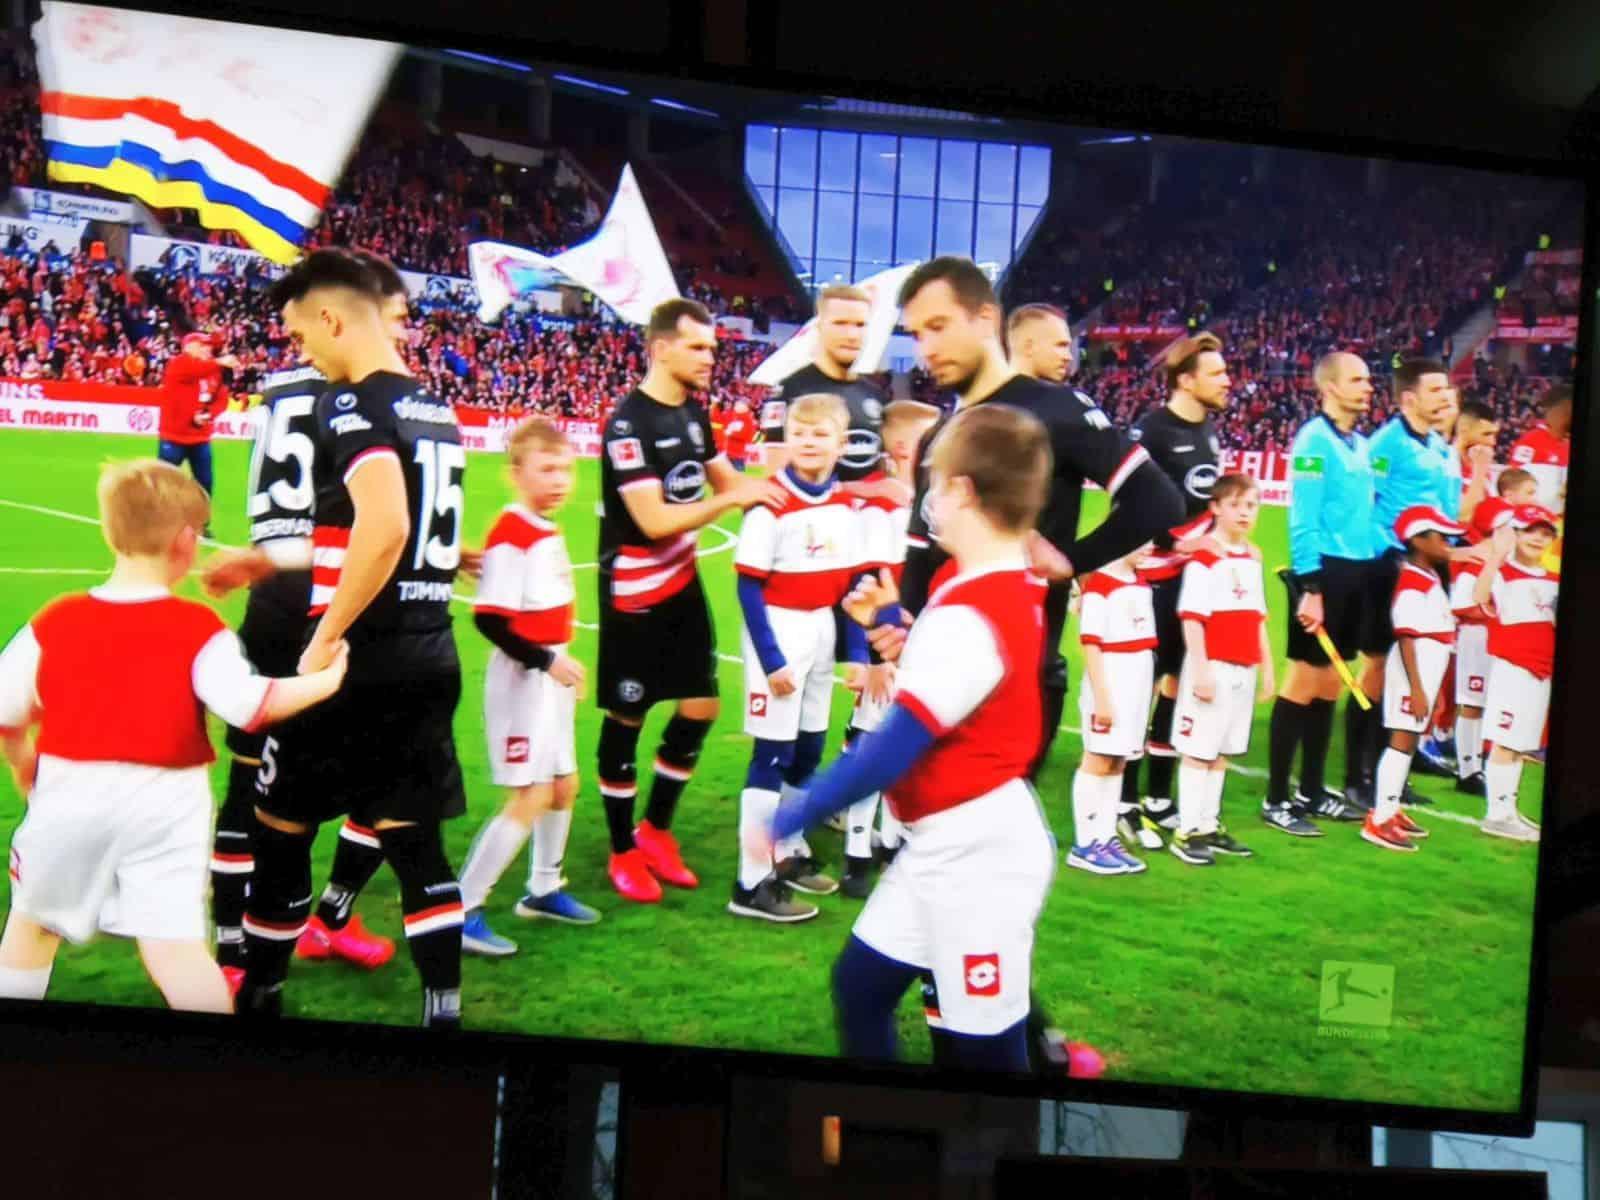 Mainz vs F95: Mannschaft und Kinder - inklusives Auflaufen